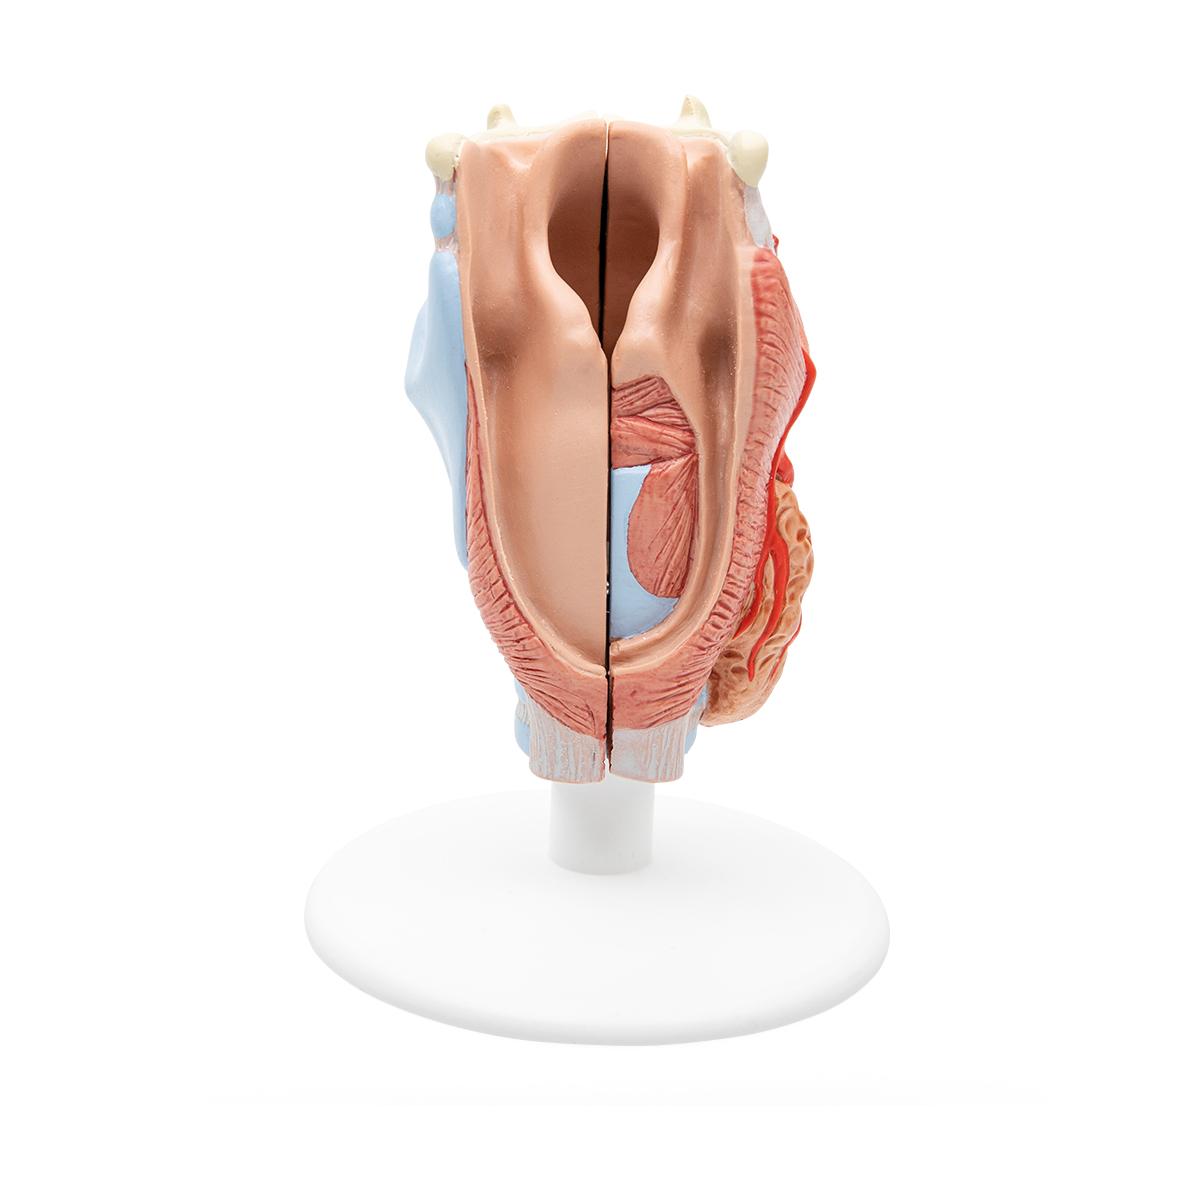 Schön Geschwindigkeit Anatomie App Galerie - Physiologie Von ...